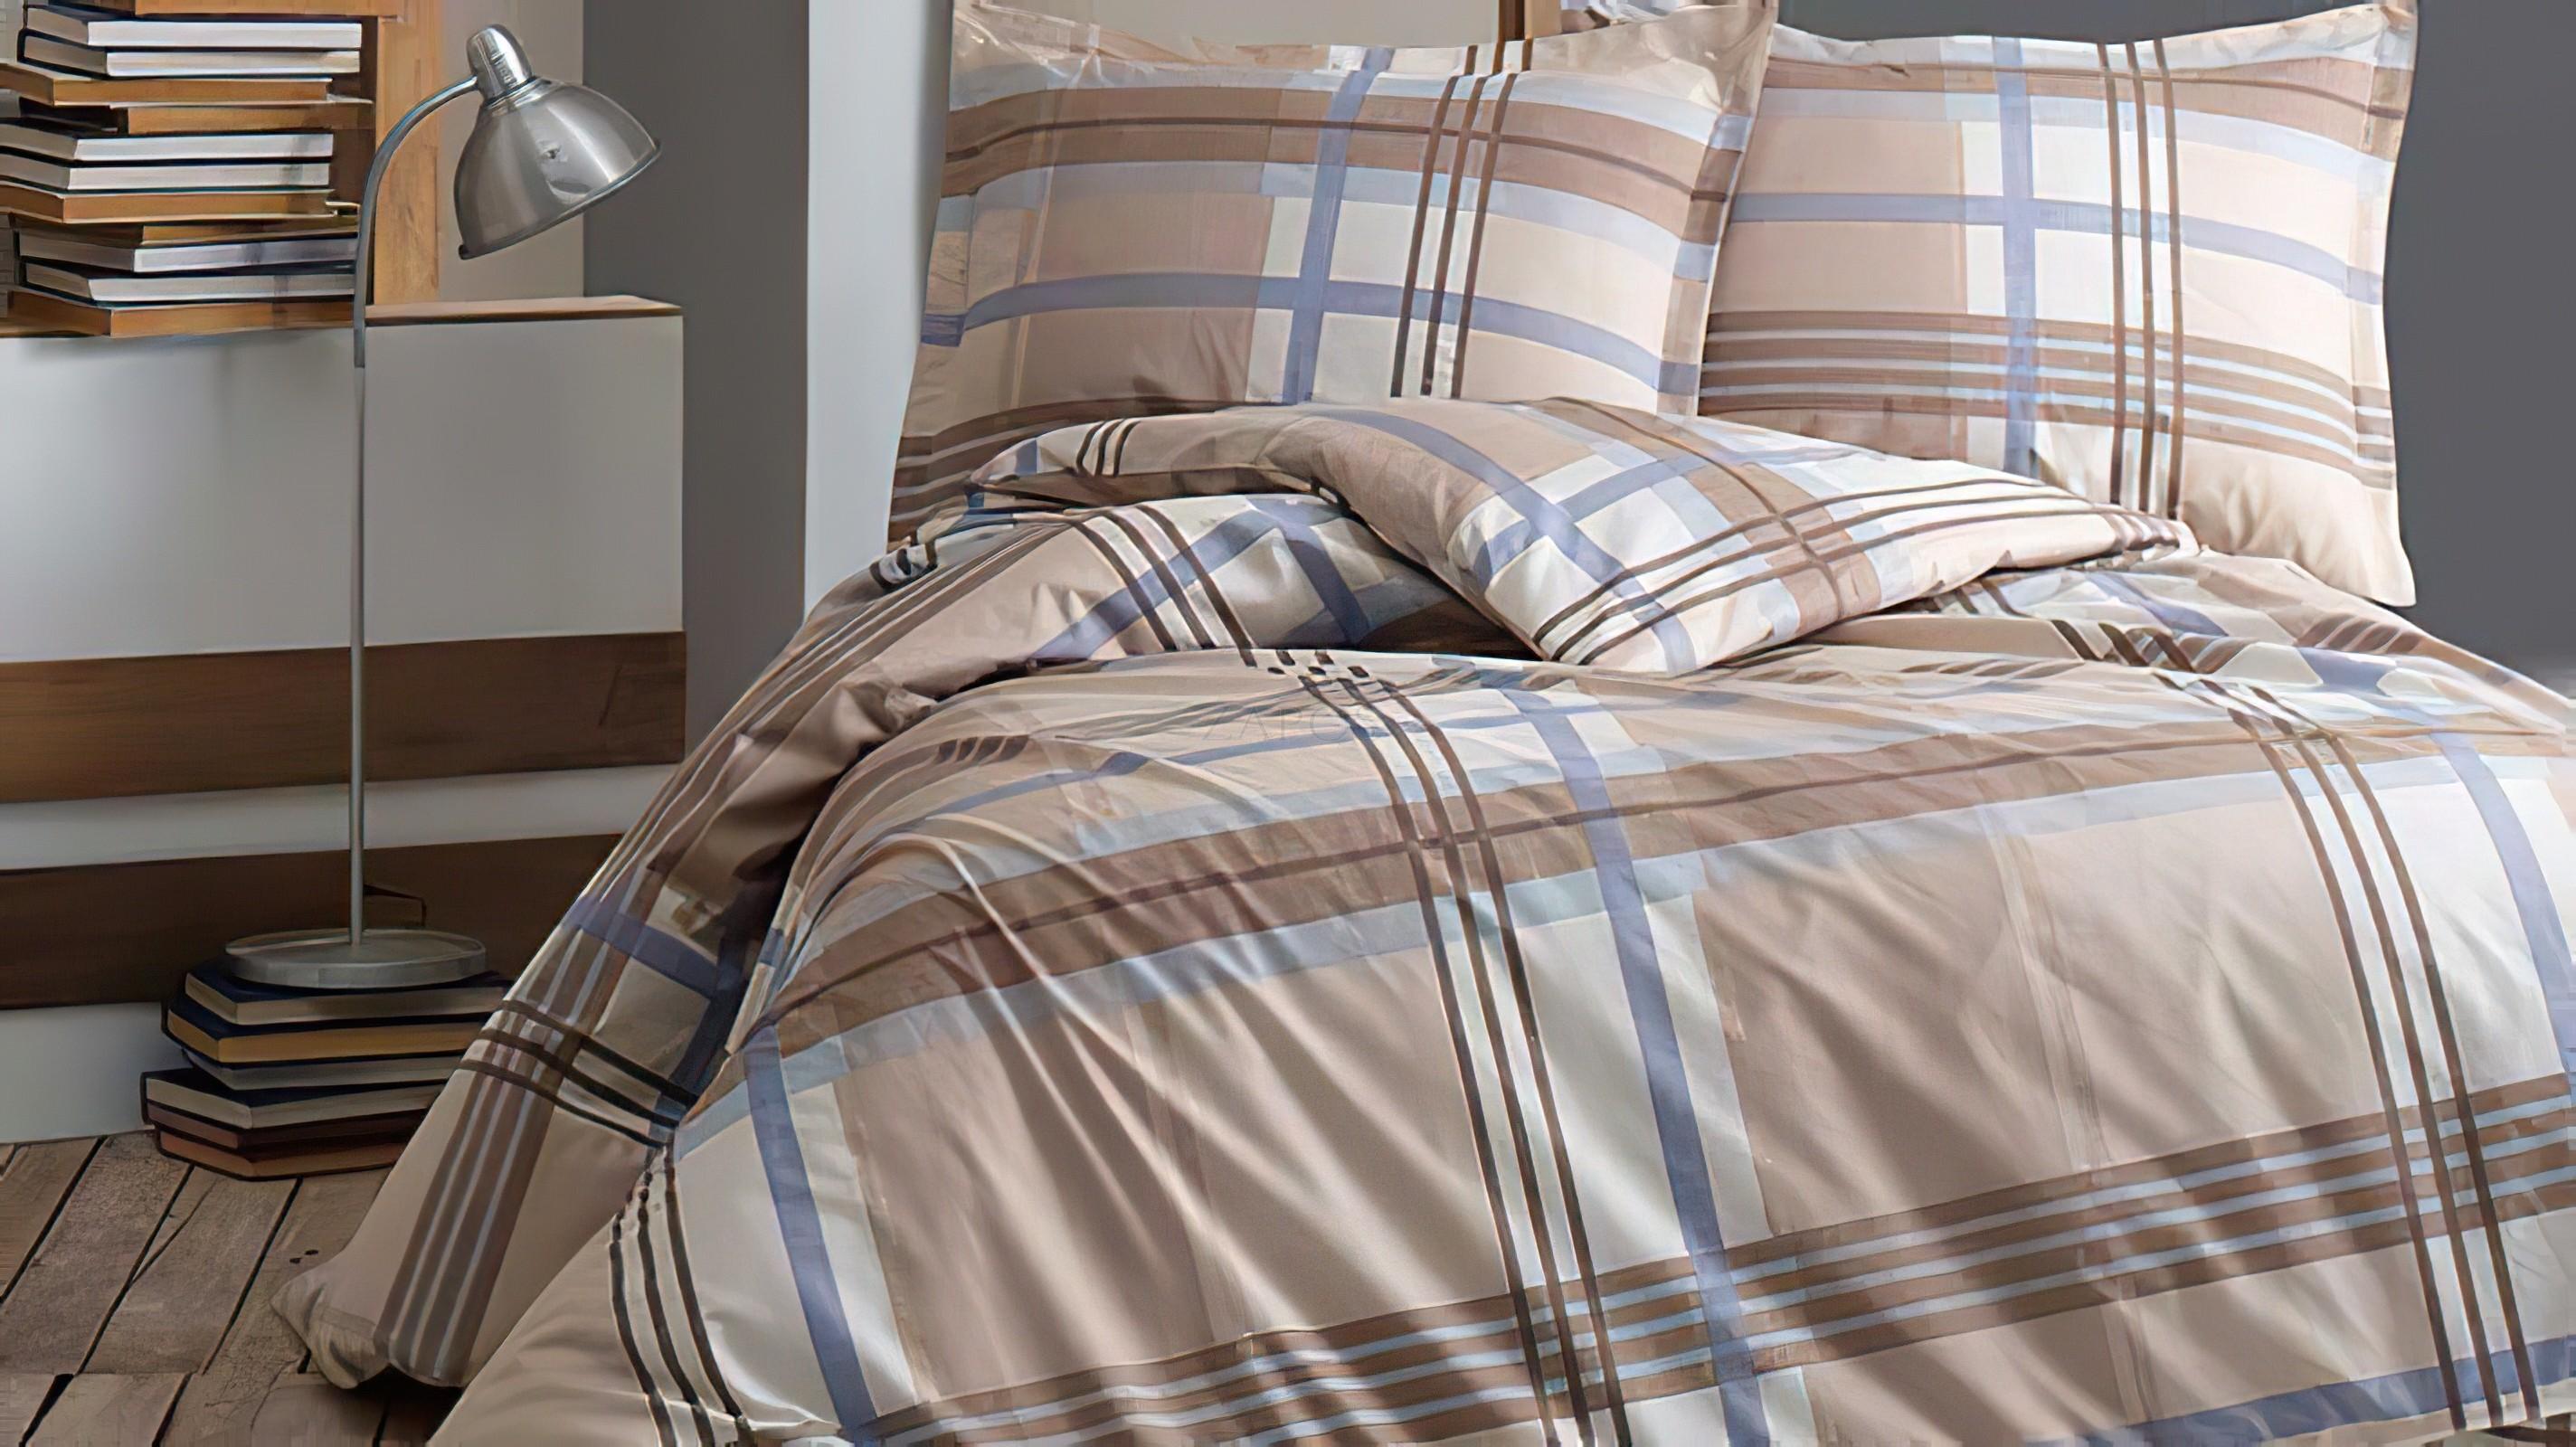 Lenjerie pat 2 persoane BUMBAC RANFORCE - 4 piese -Crem, model in carouri cu albastru si maro